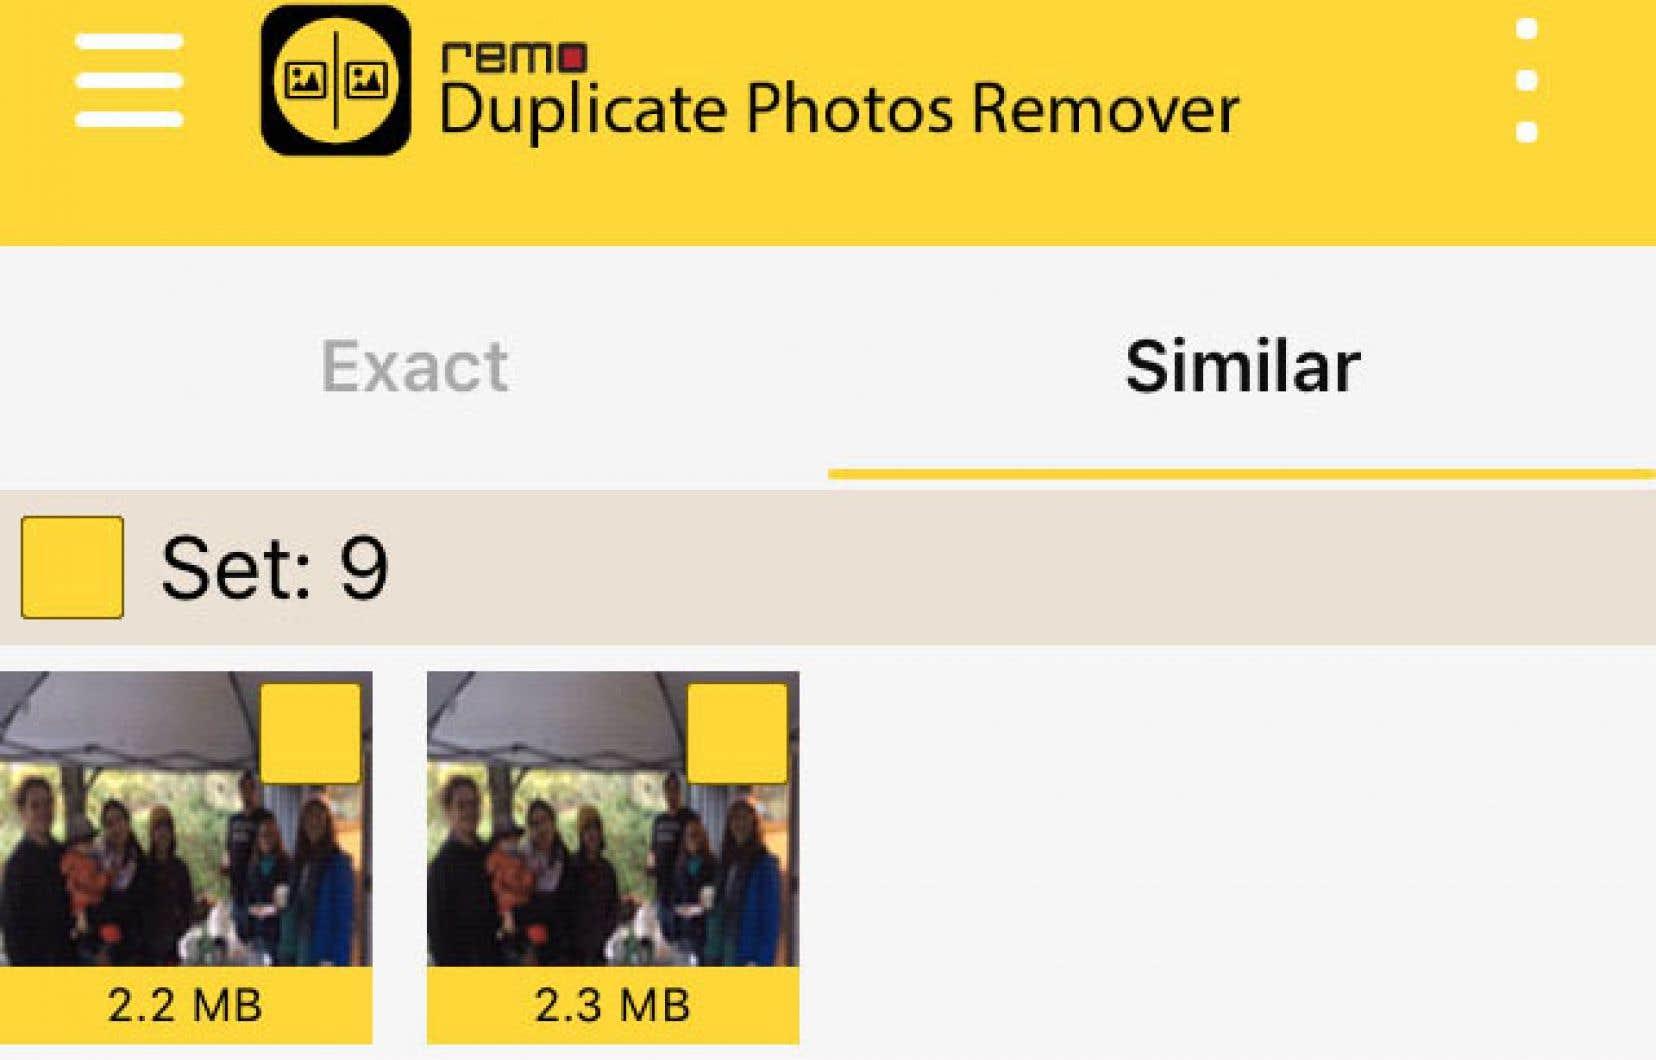 Pour faire le ménage de vos photos, des outils comme le Remo Duplicate Photos Remover existent.